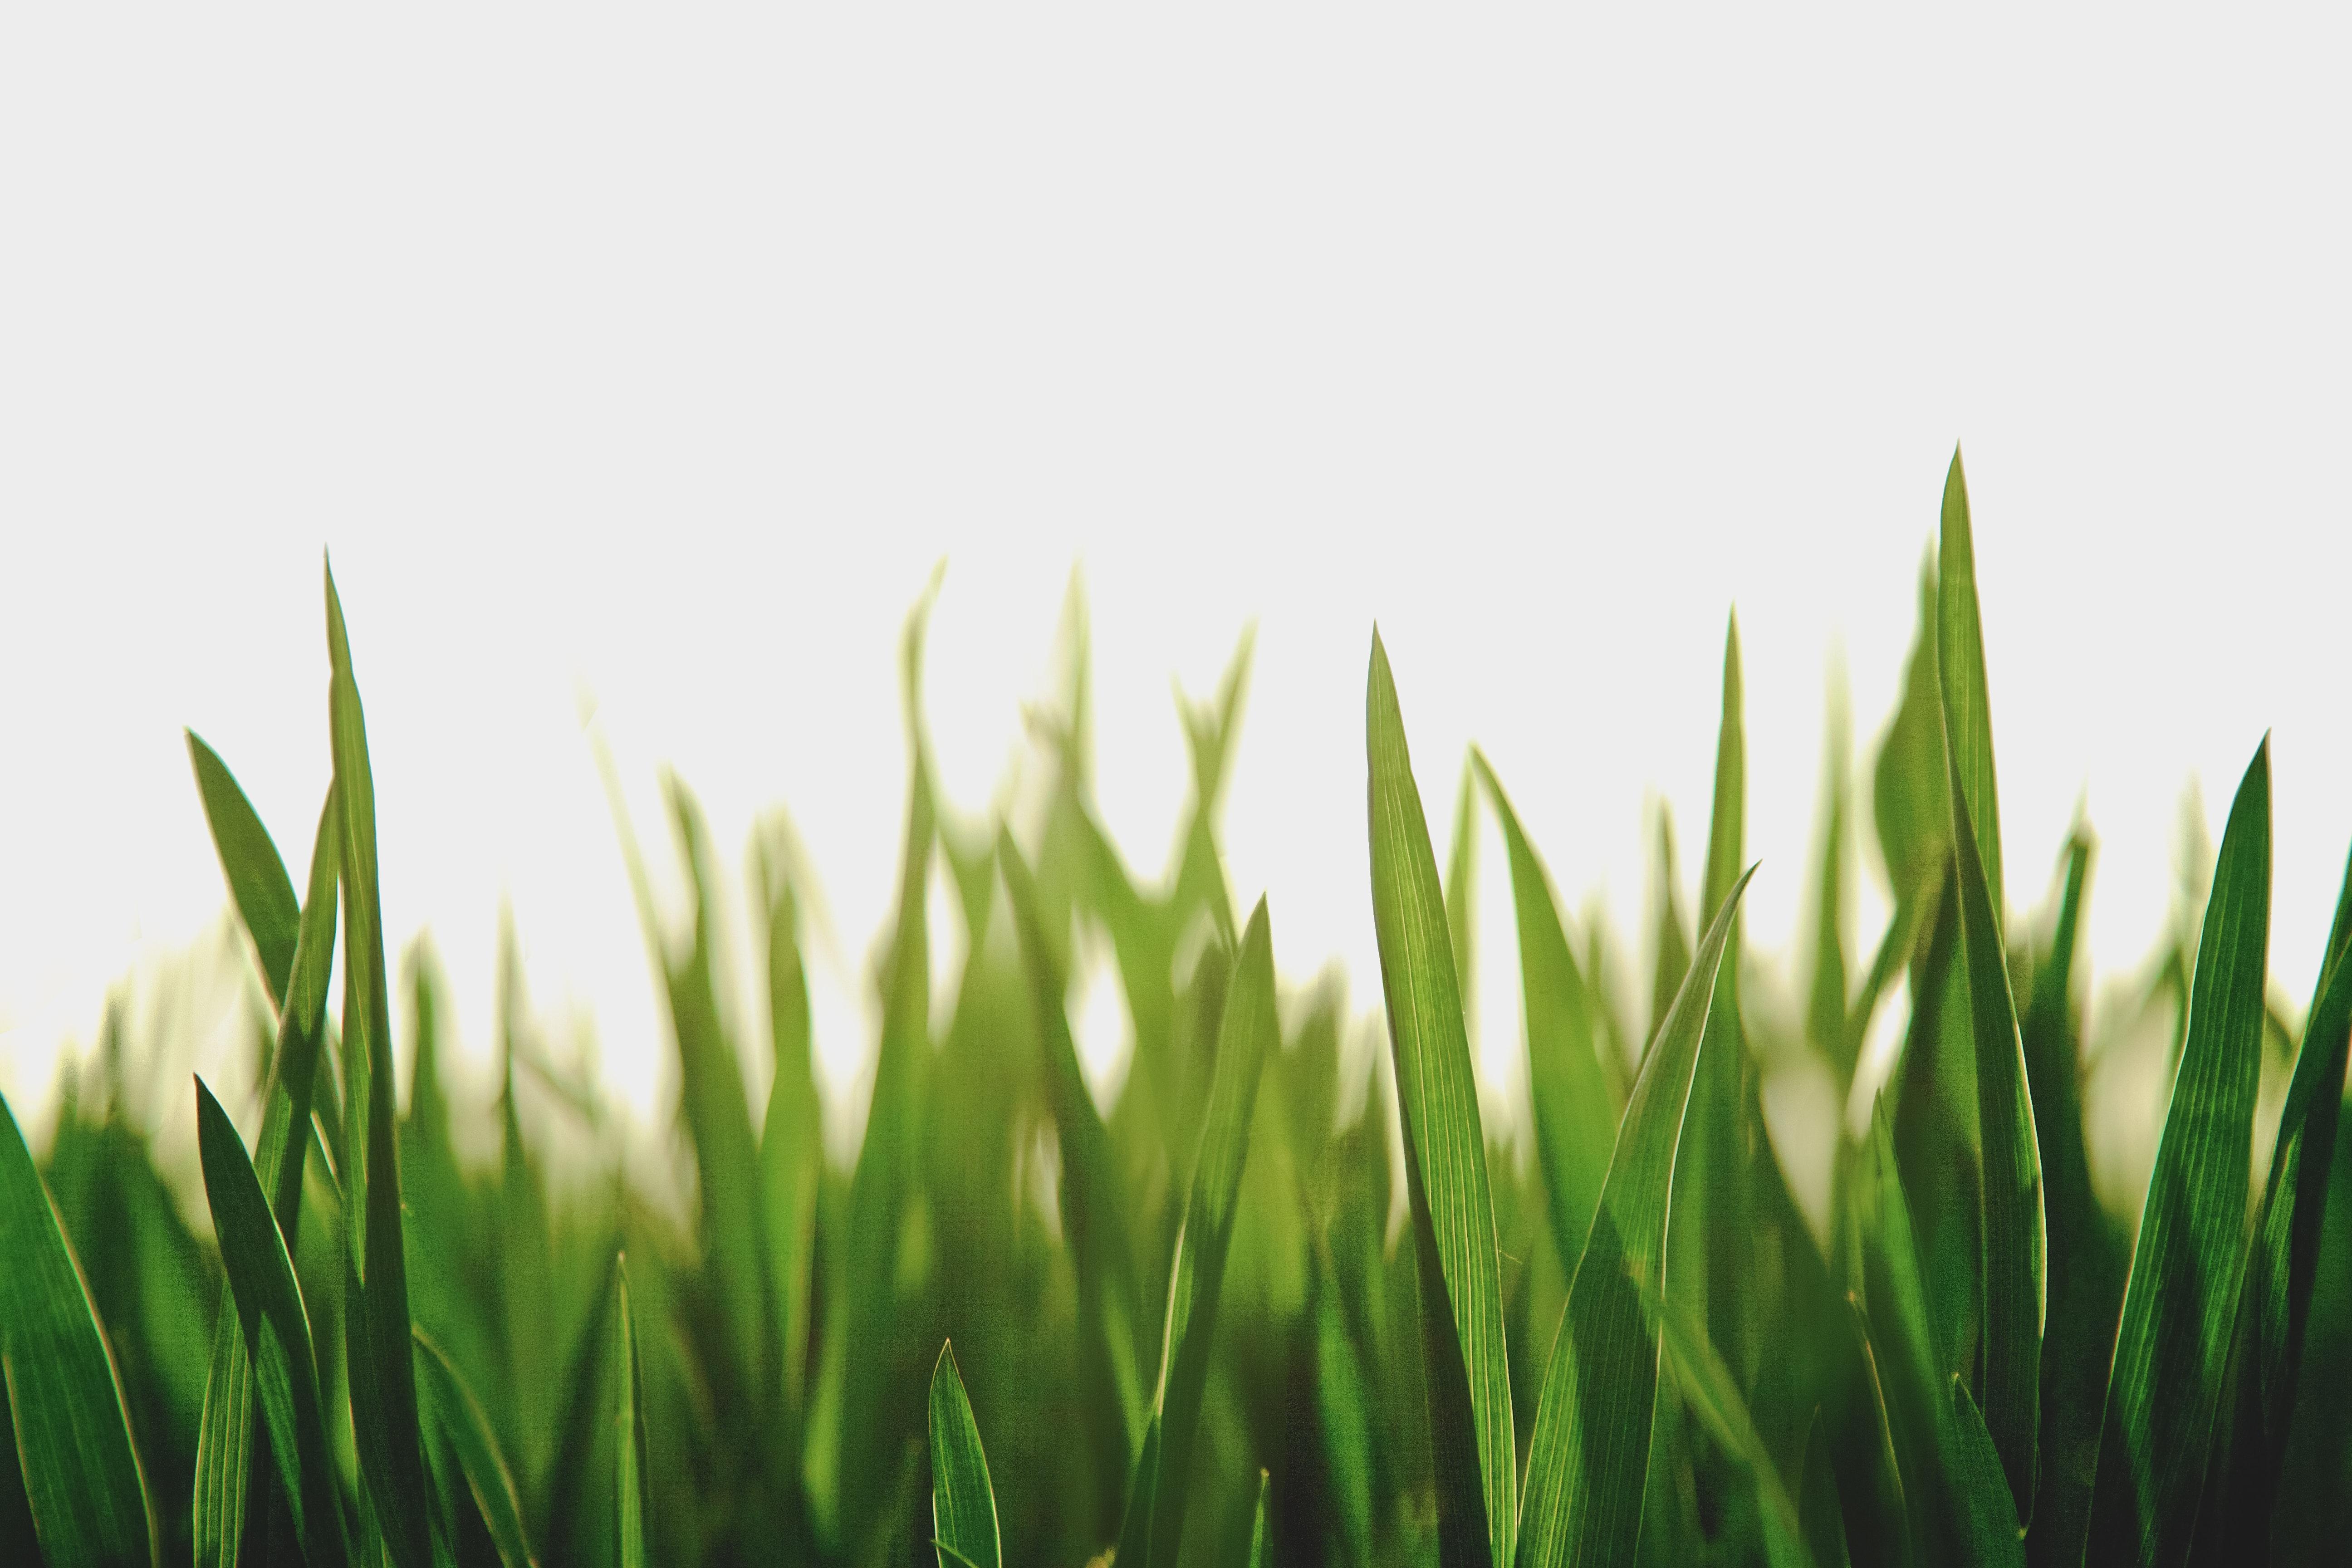 Les espaces verts de Seraing sont étudiés - Unsplash